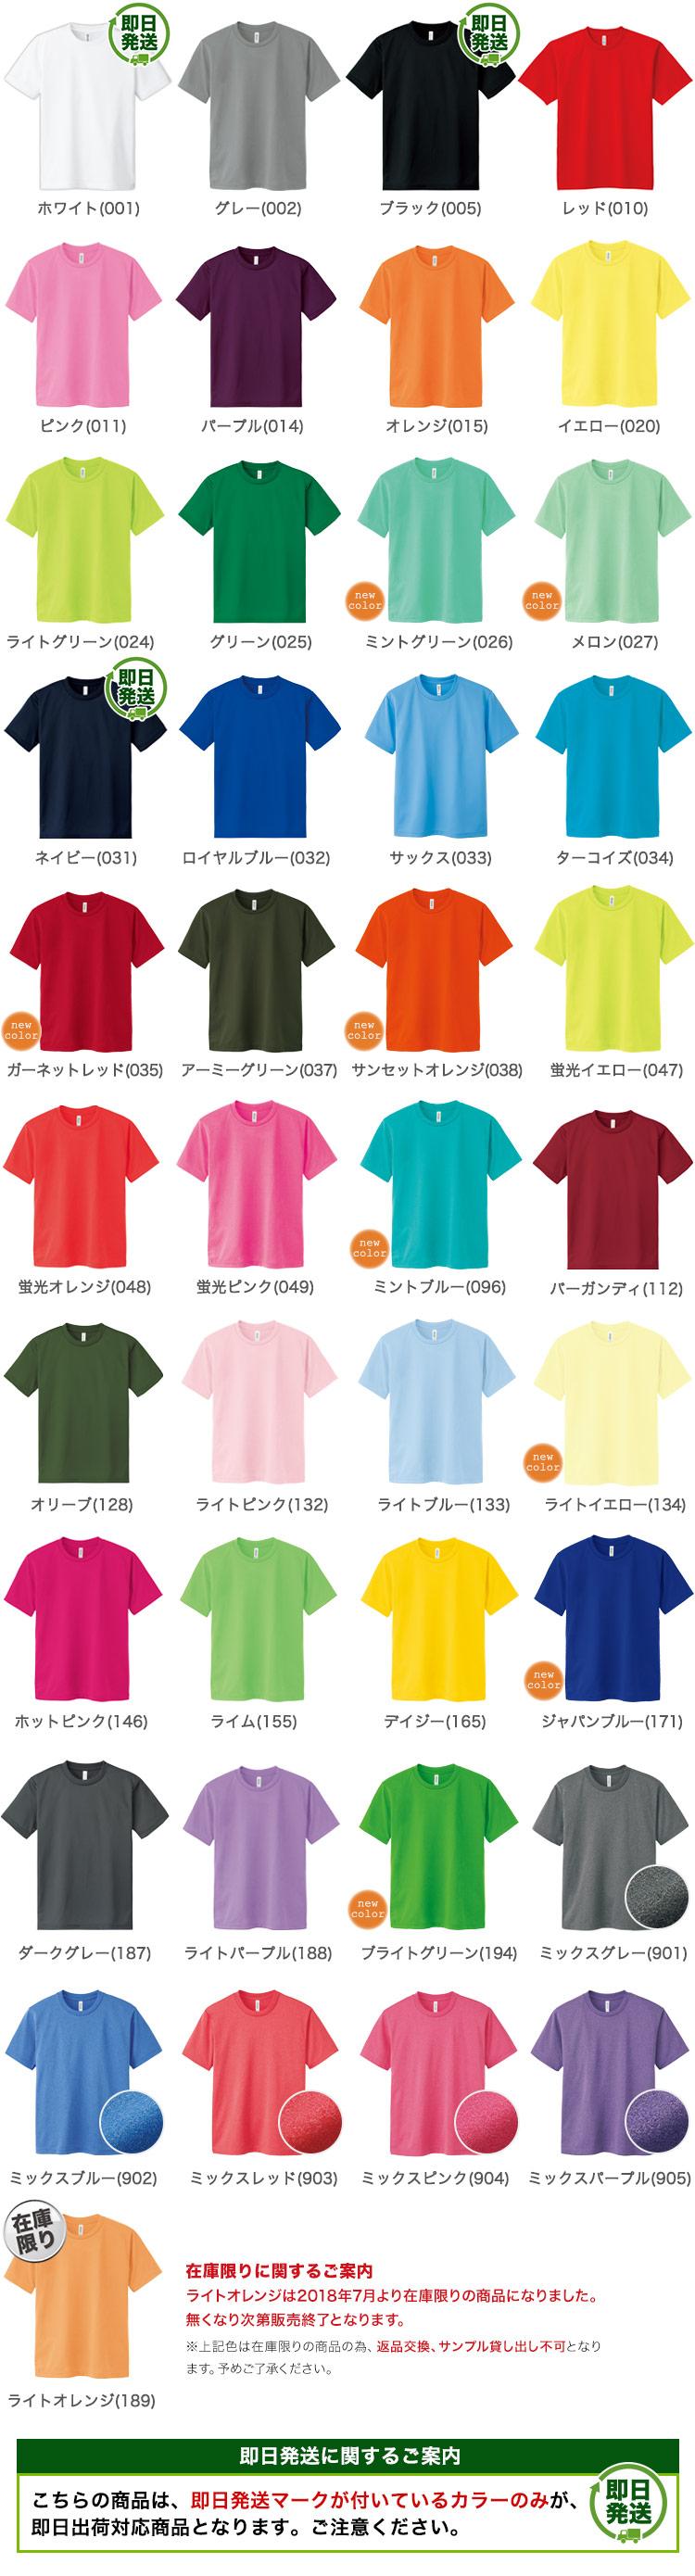 ドライTシャツ(41-00300ACT)のカラーバリエーション画像